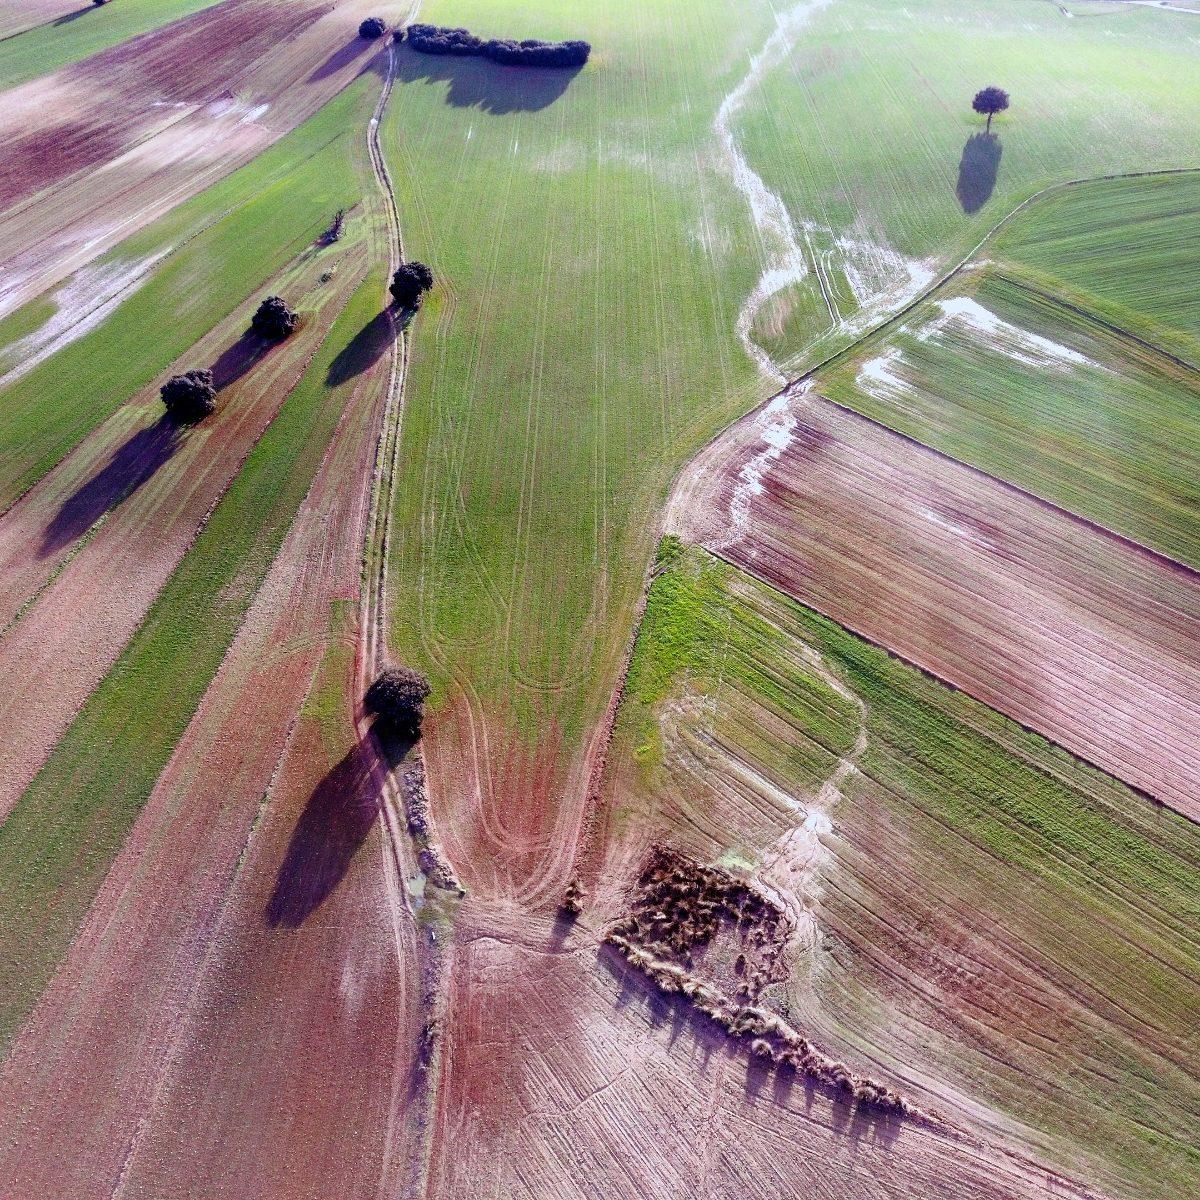 Prospección con RPA para peritaje de daños en agricultura. Después del paso de Filomena. Madrid © Aerial Técnica 2021.